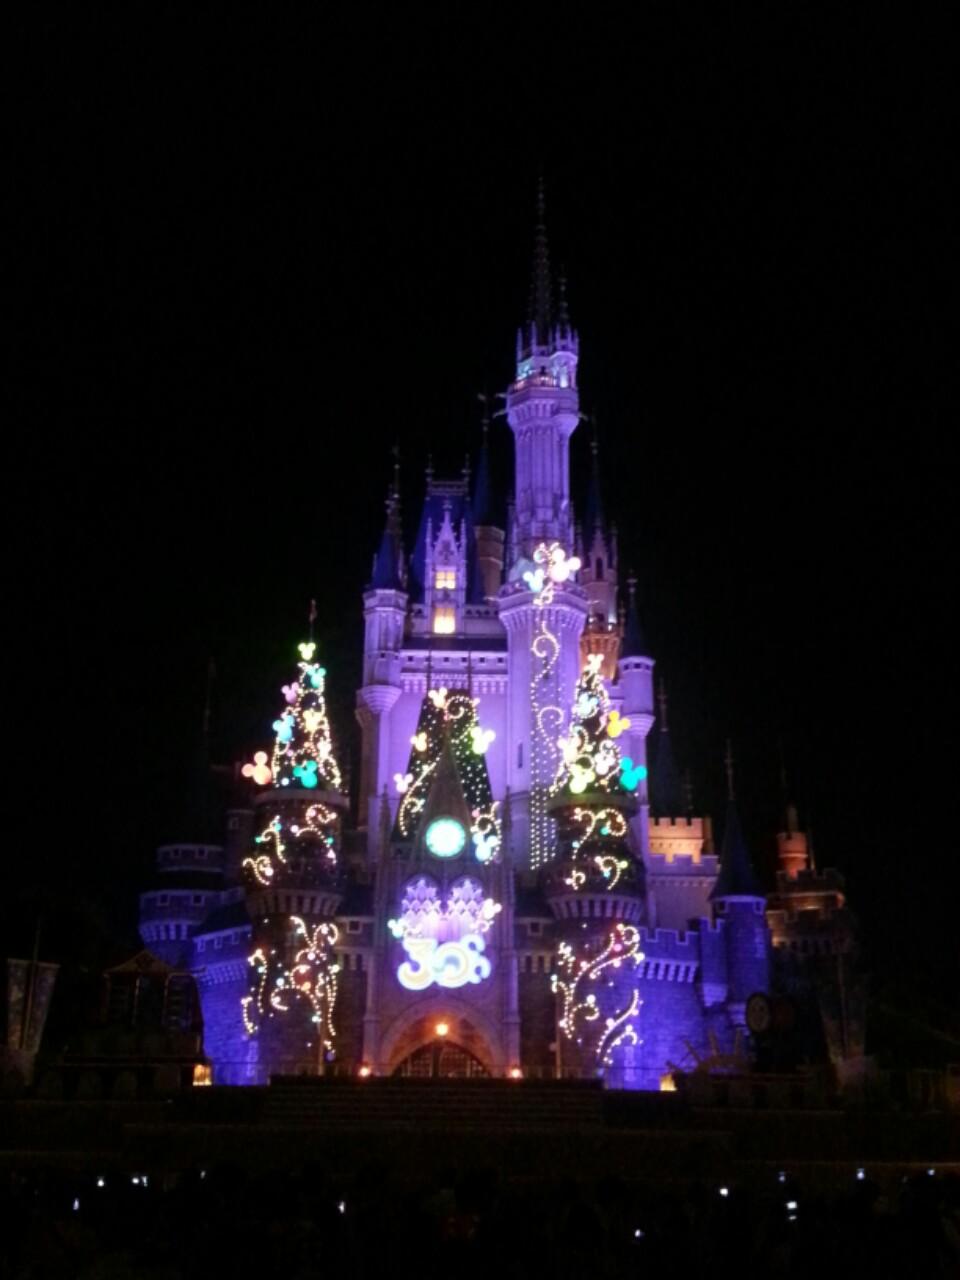 ☆2013年6月:東京ディズニーランド旅行☆』東京ディズニーリゾート(千葉県